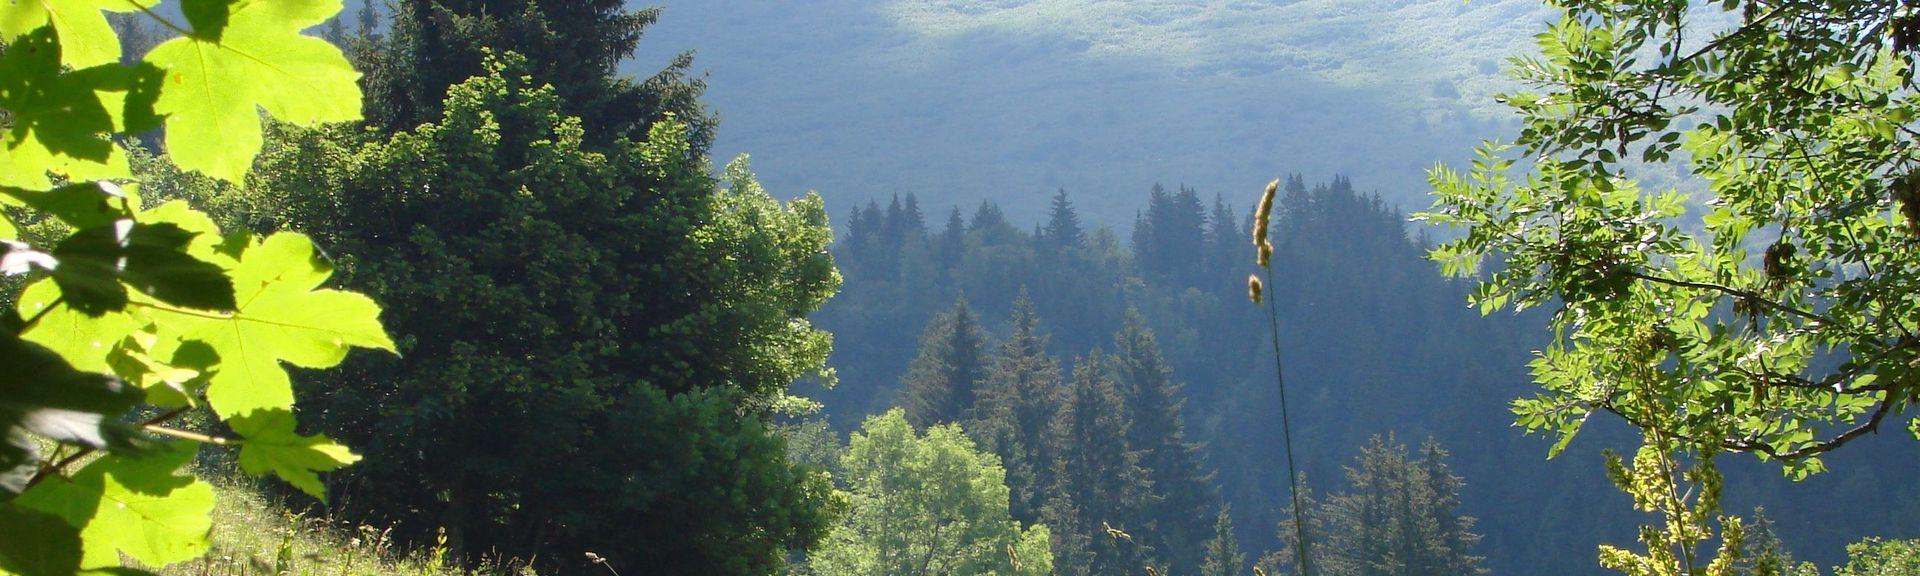 Doucy-Combelouviere, La Lechere, Auvergne - Rhône - Alpes, Frankrike